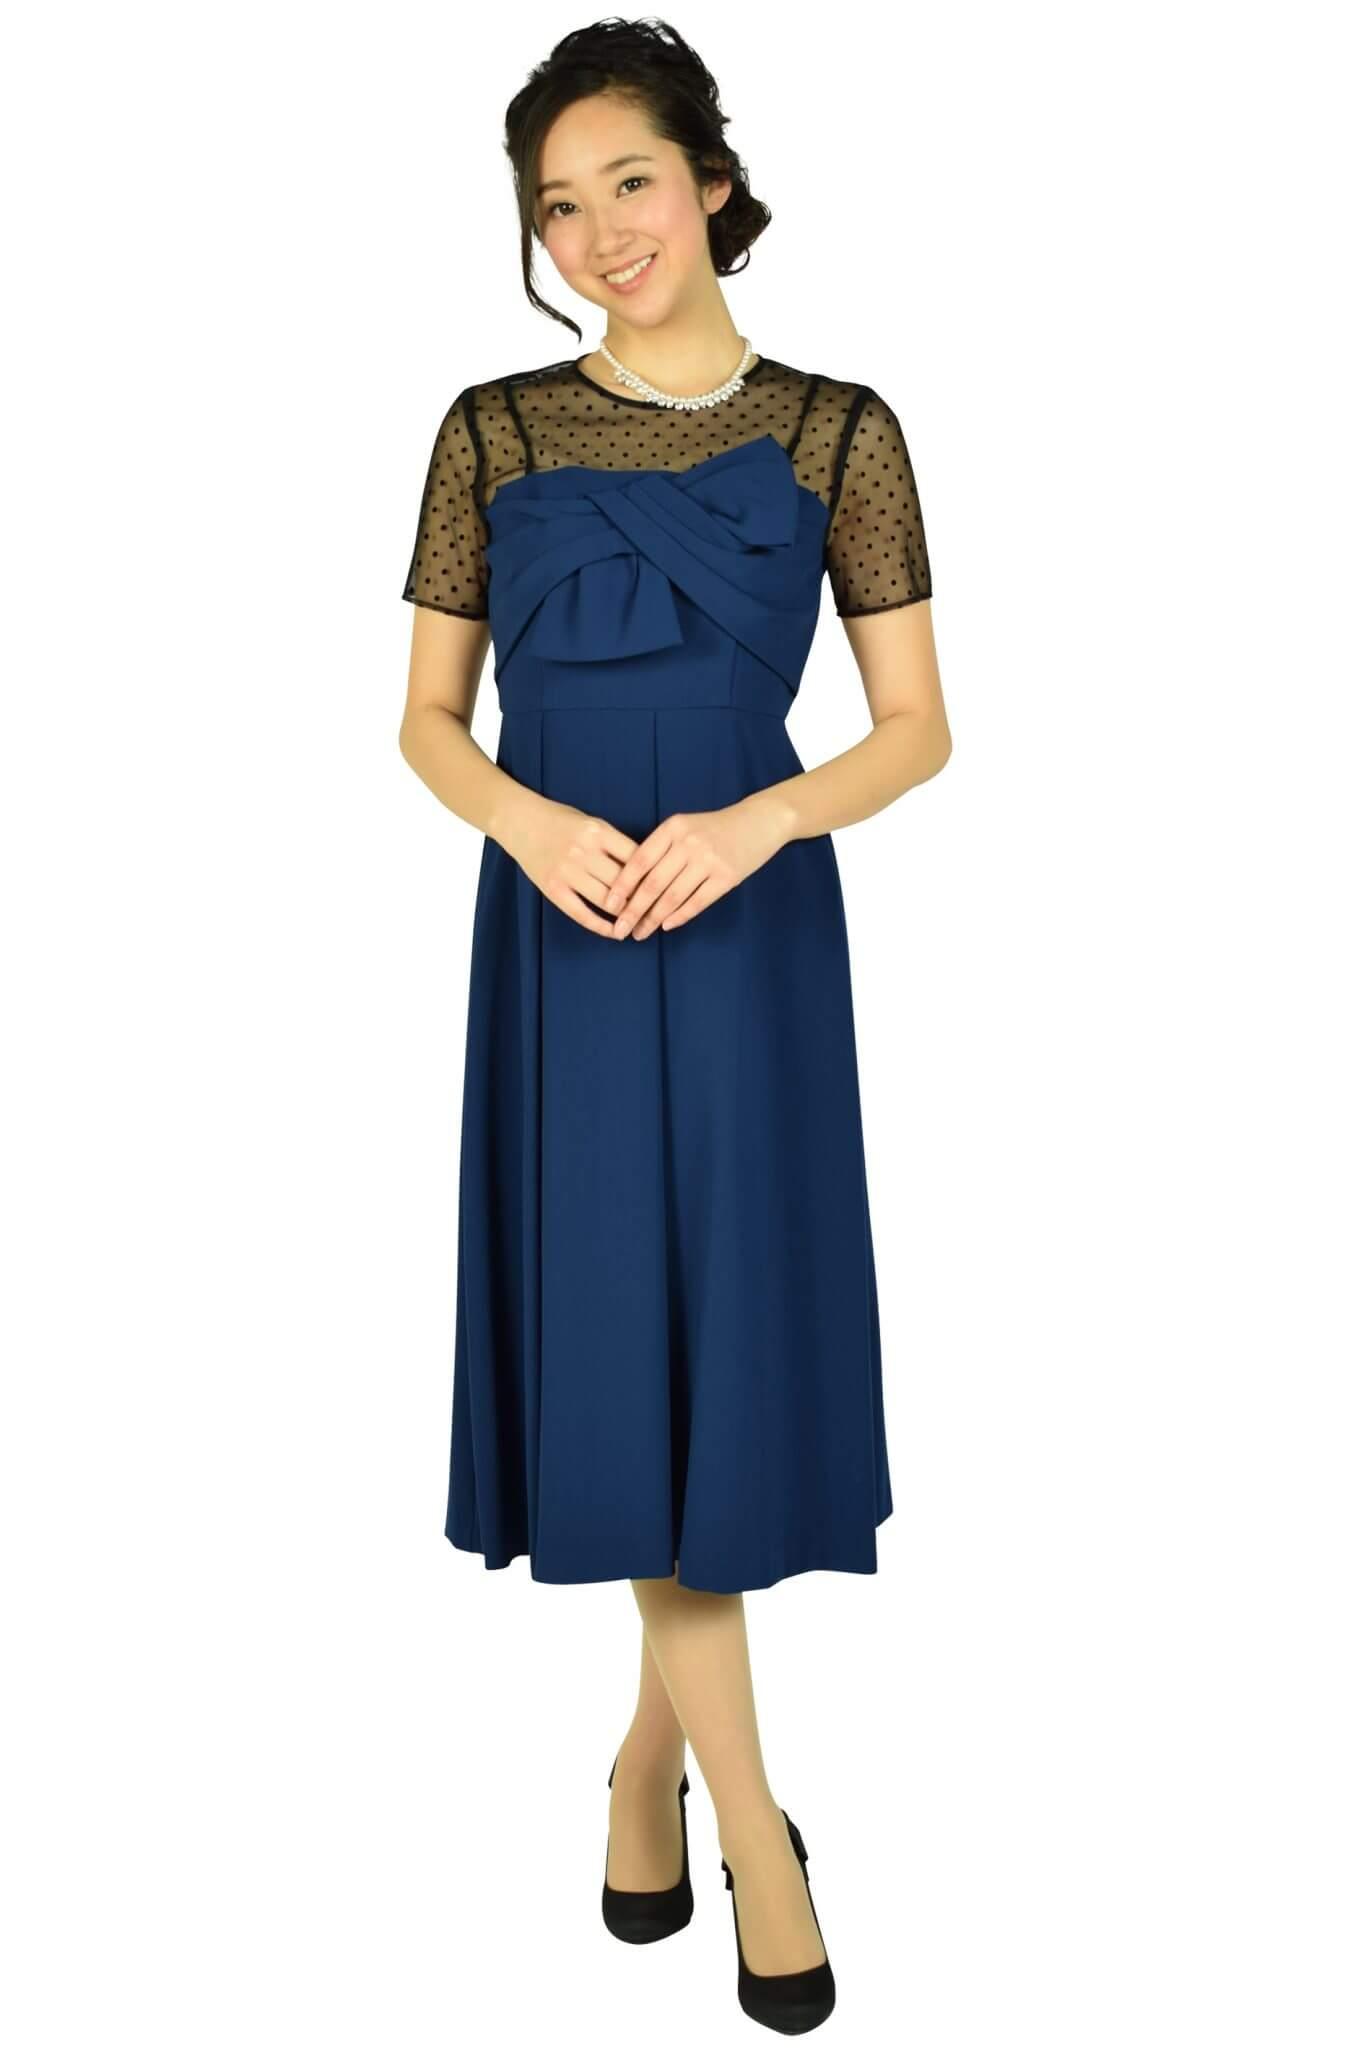 ダイアグラム グレースコンチネンタル(DIAGRAM) 袖付きドットレースネイビードレス